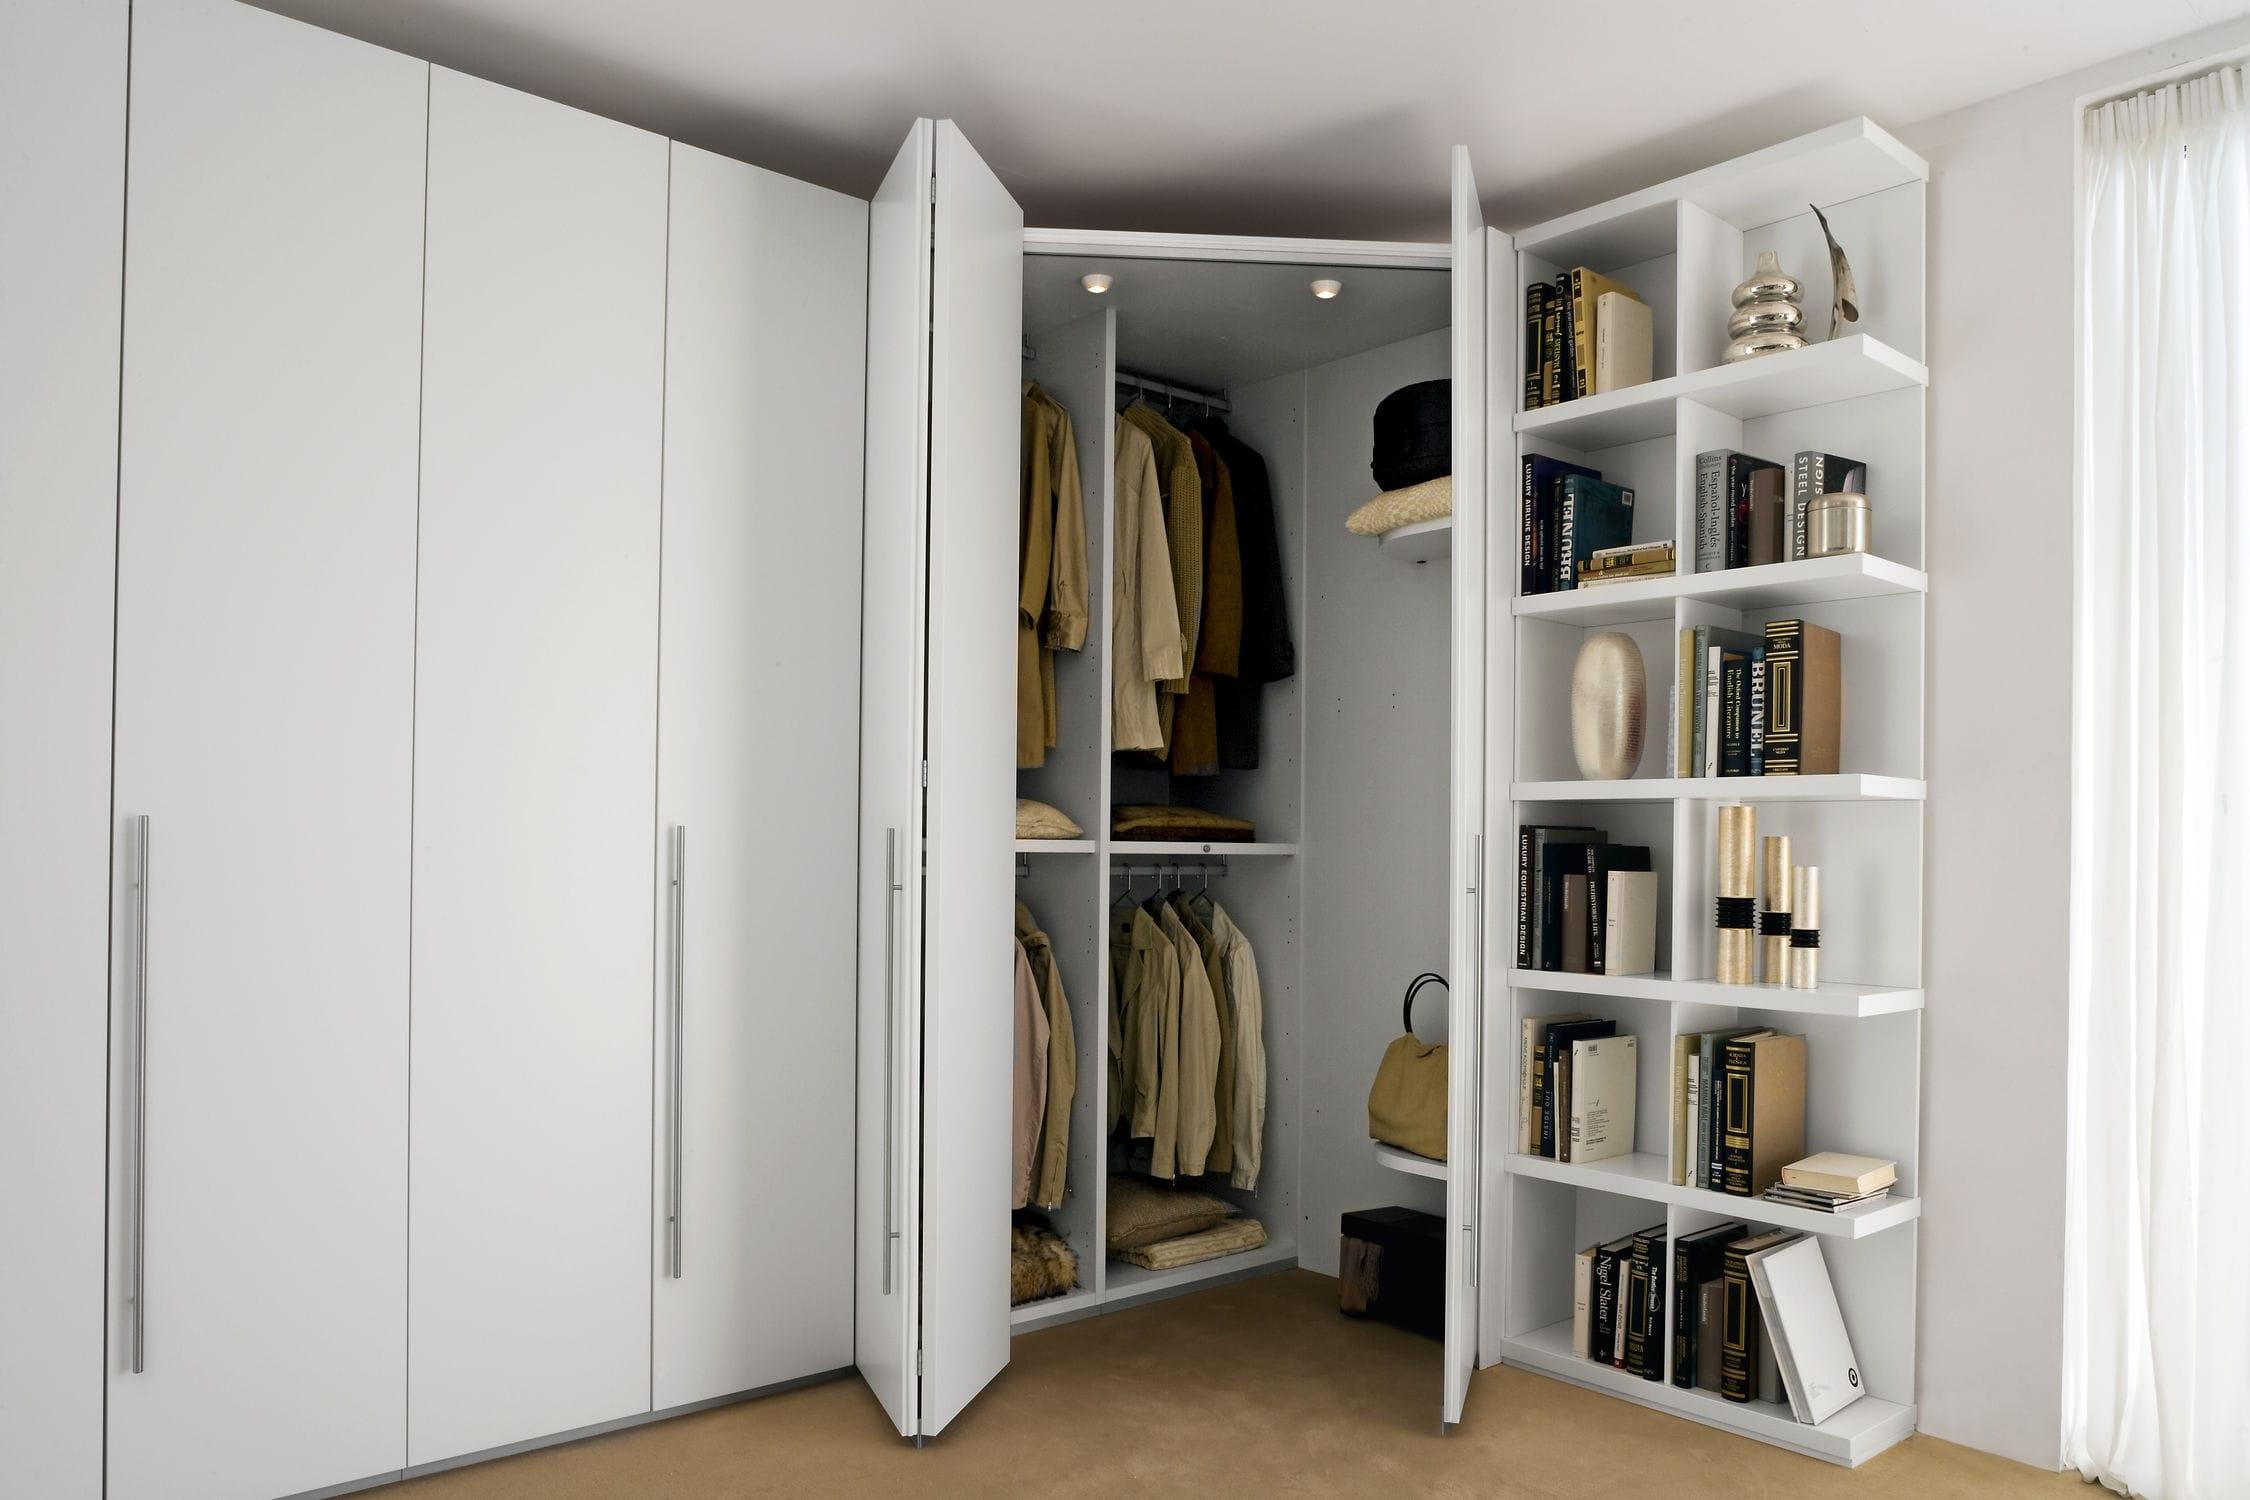 Угловой шкаф в интерьере спальни с полками